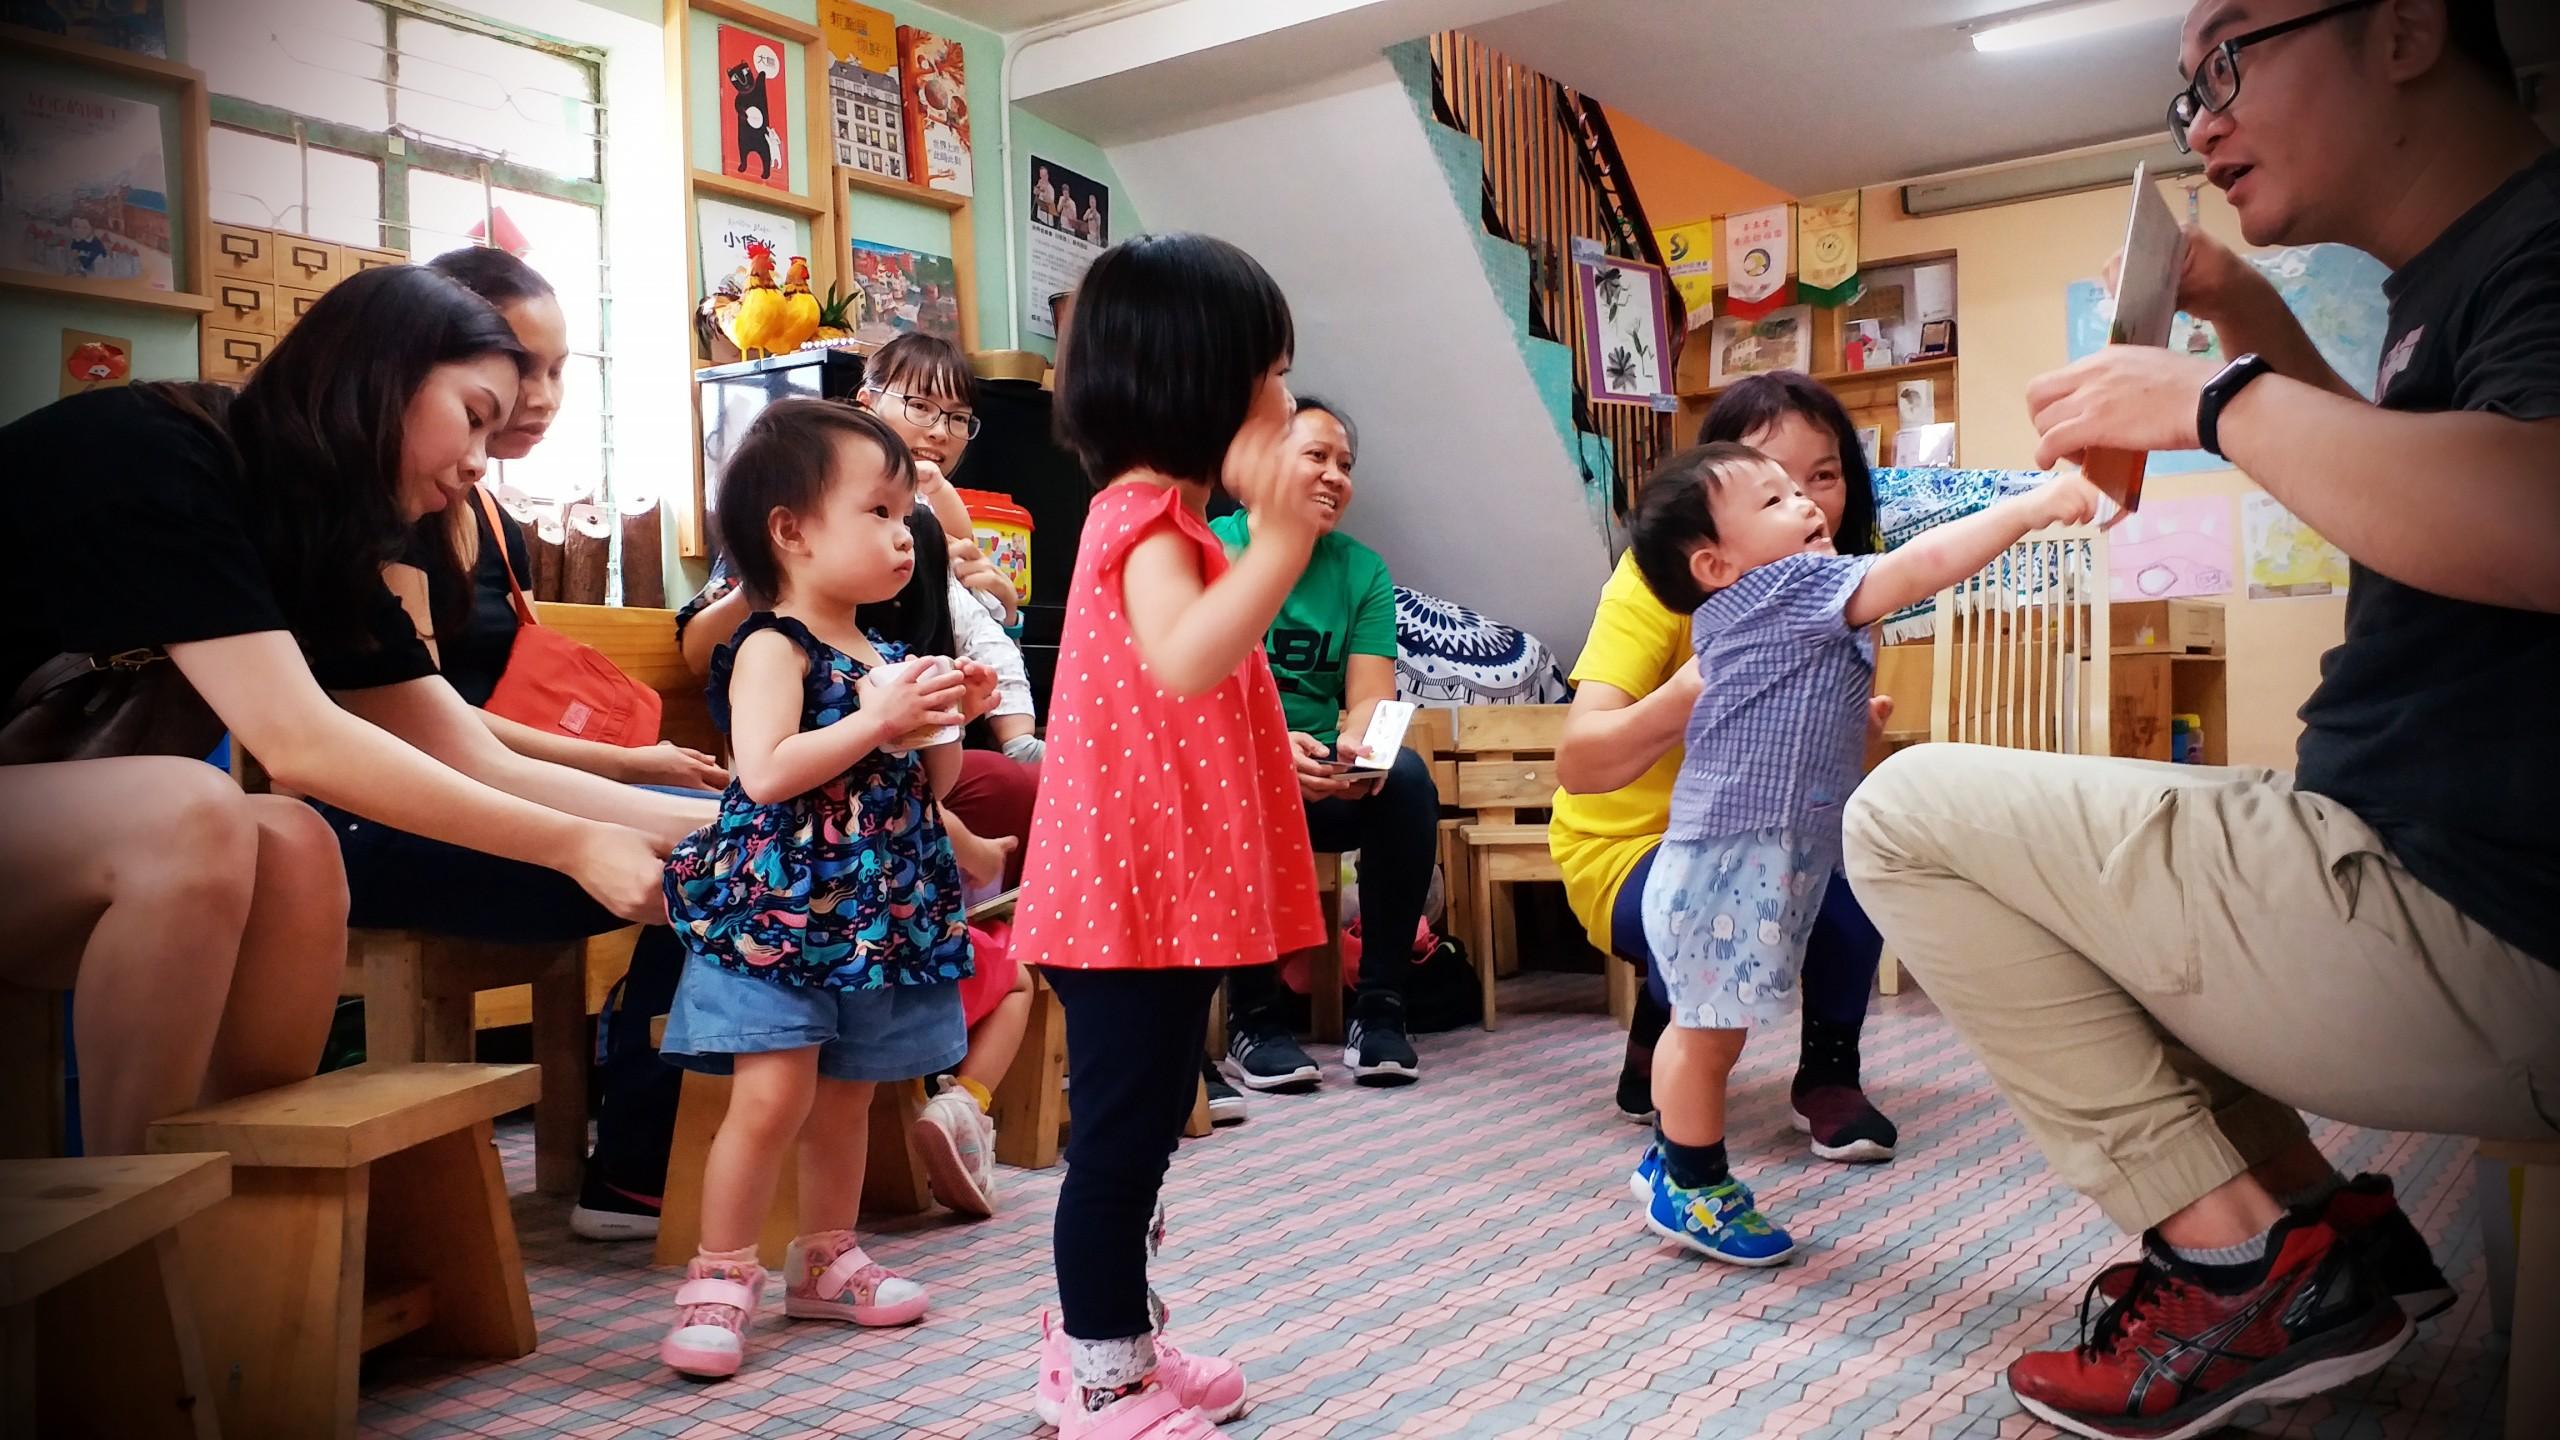 百好繪本士多|寶寶繪本故事時間#5月(適合 0-3歲孩子和照顧者)